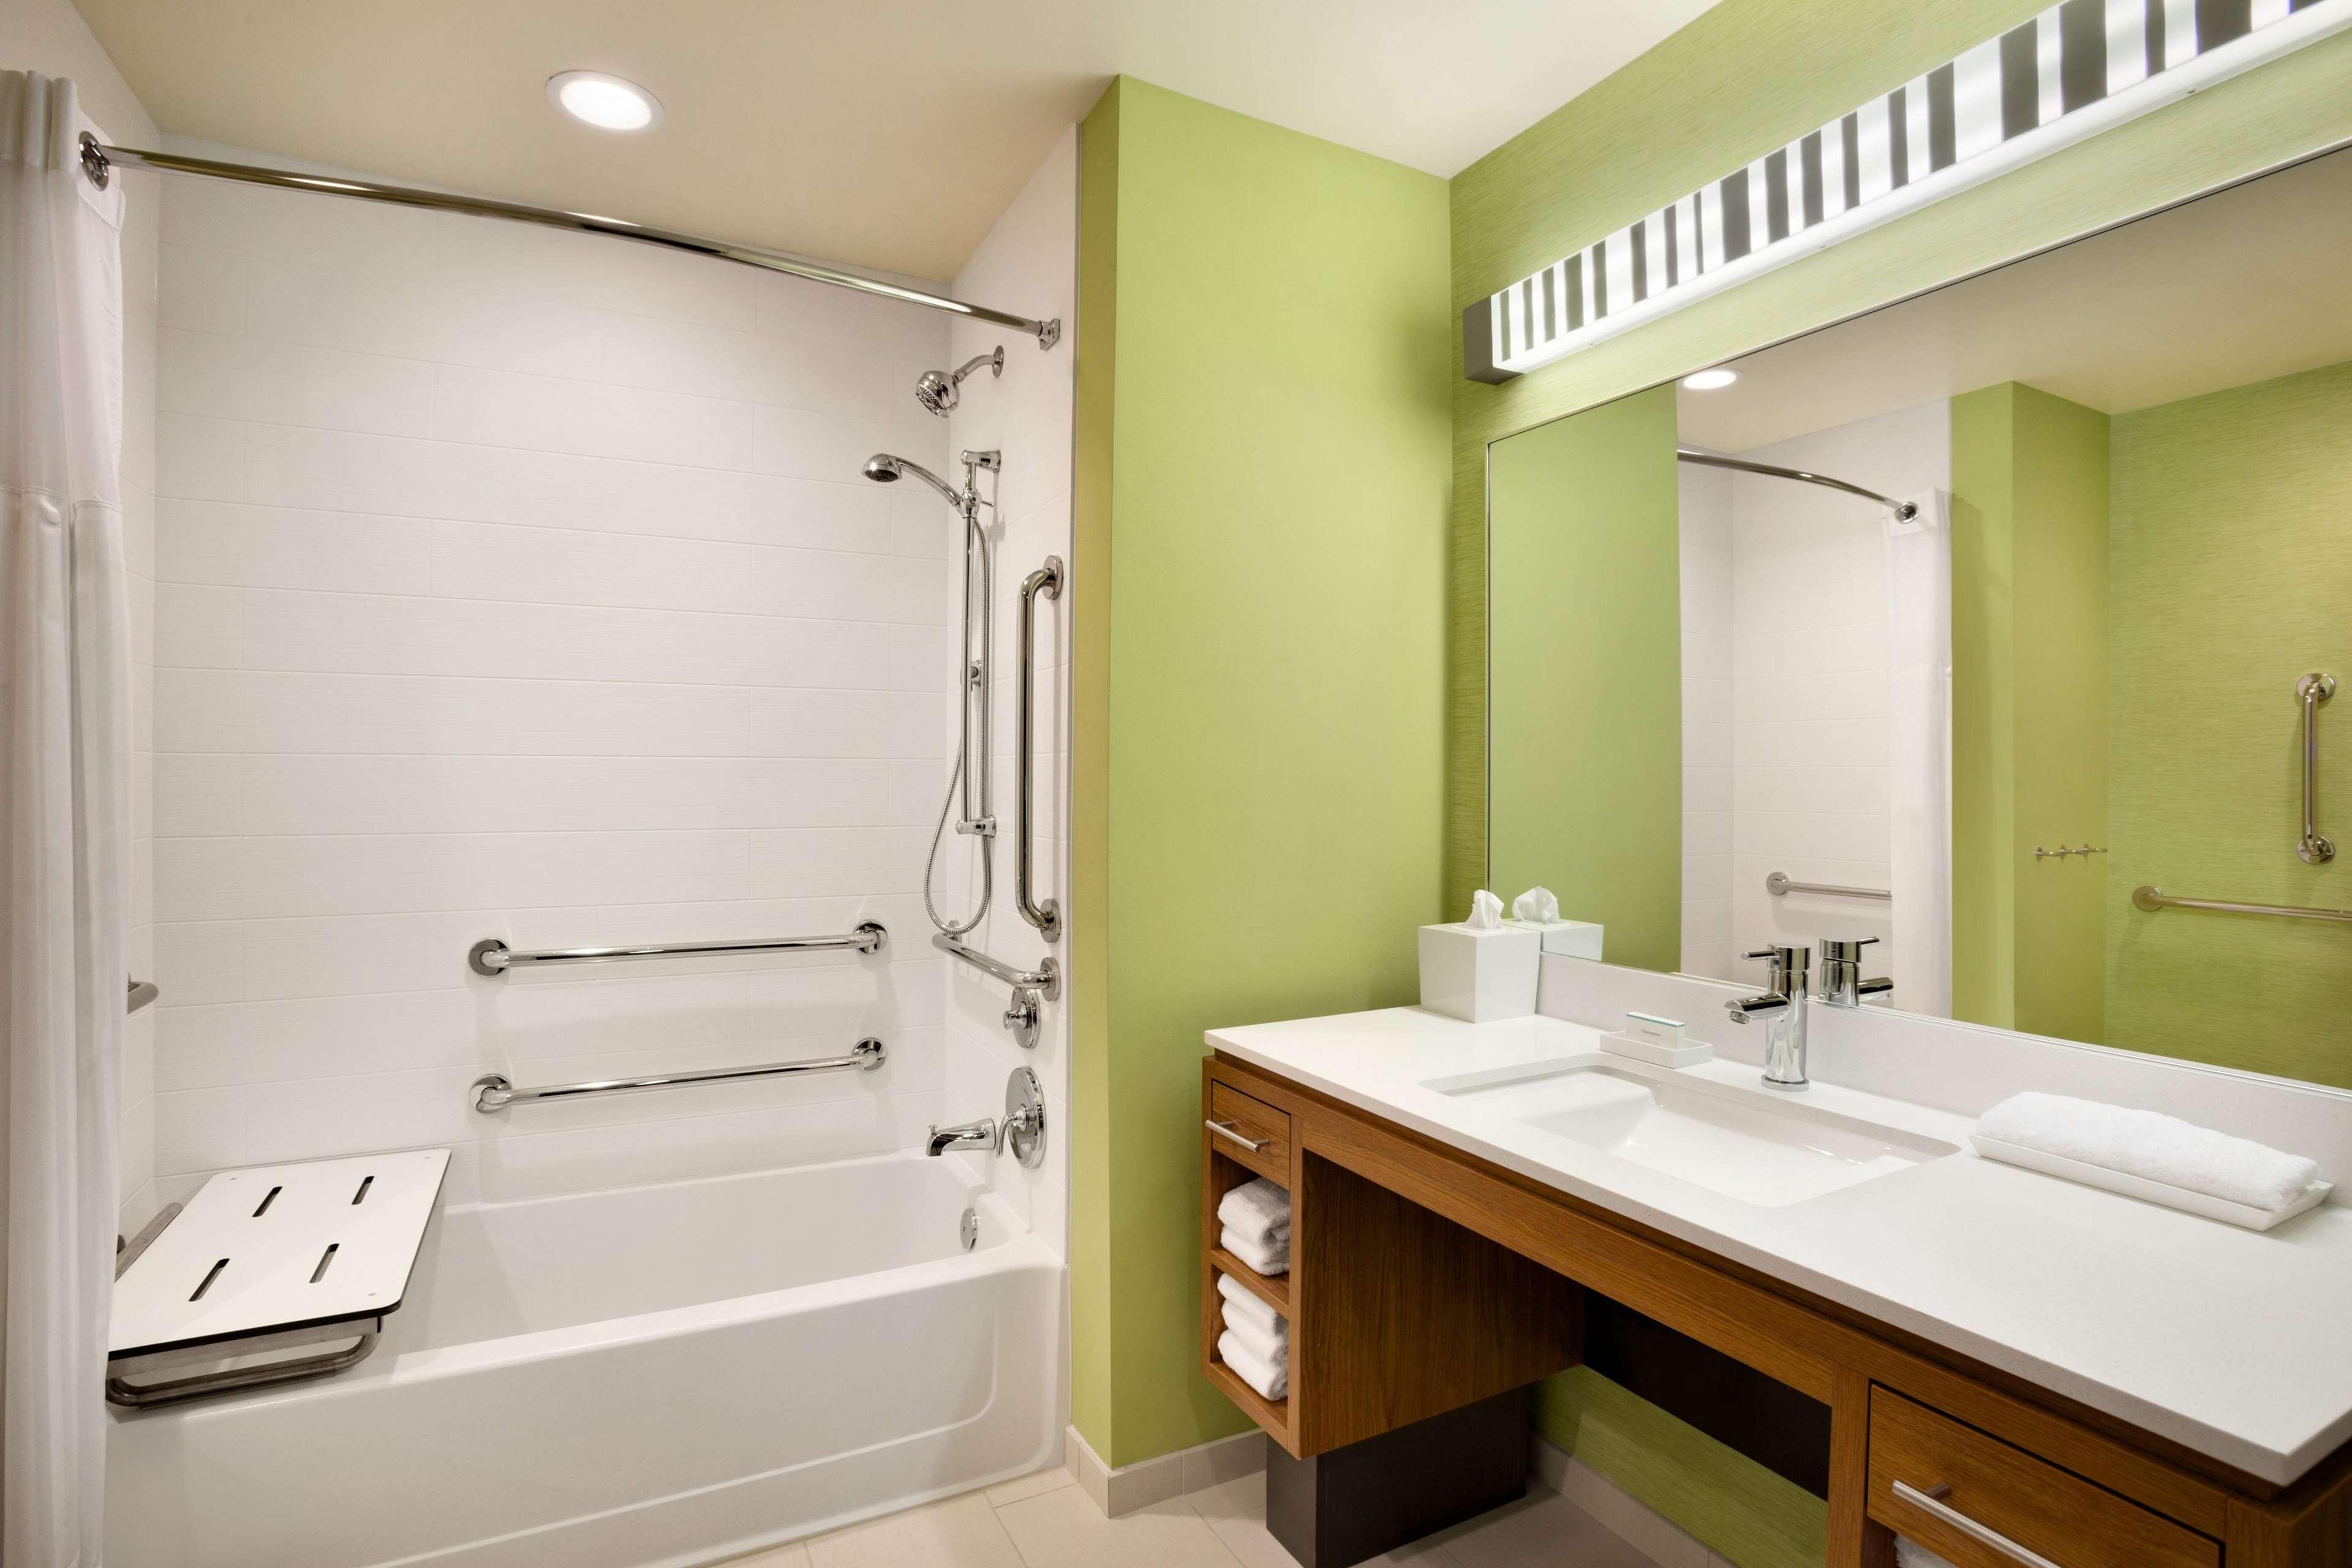 Home2 Suites by Hilton Birmingham Downtown image 24